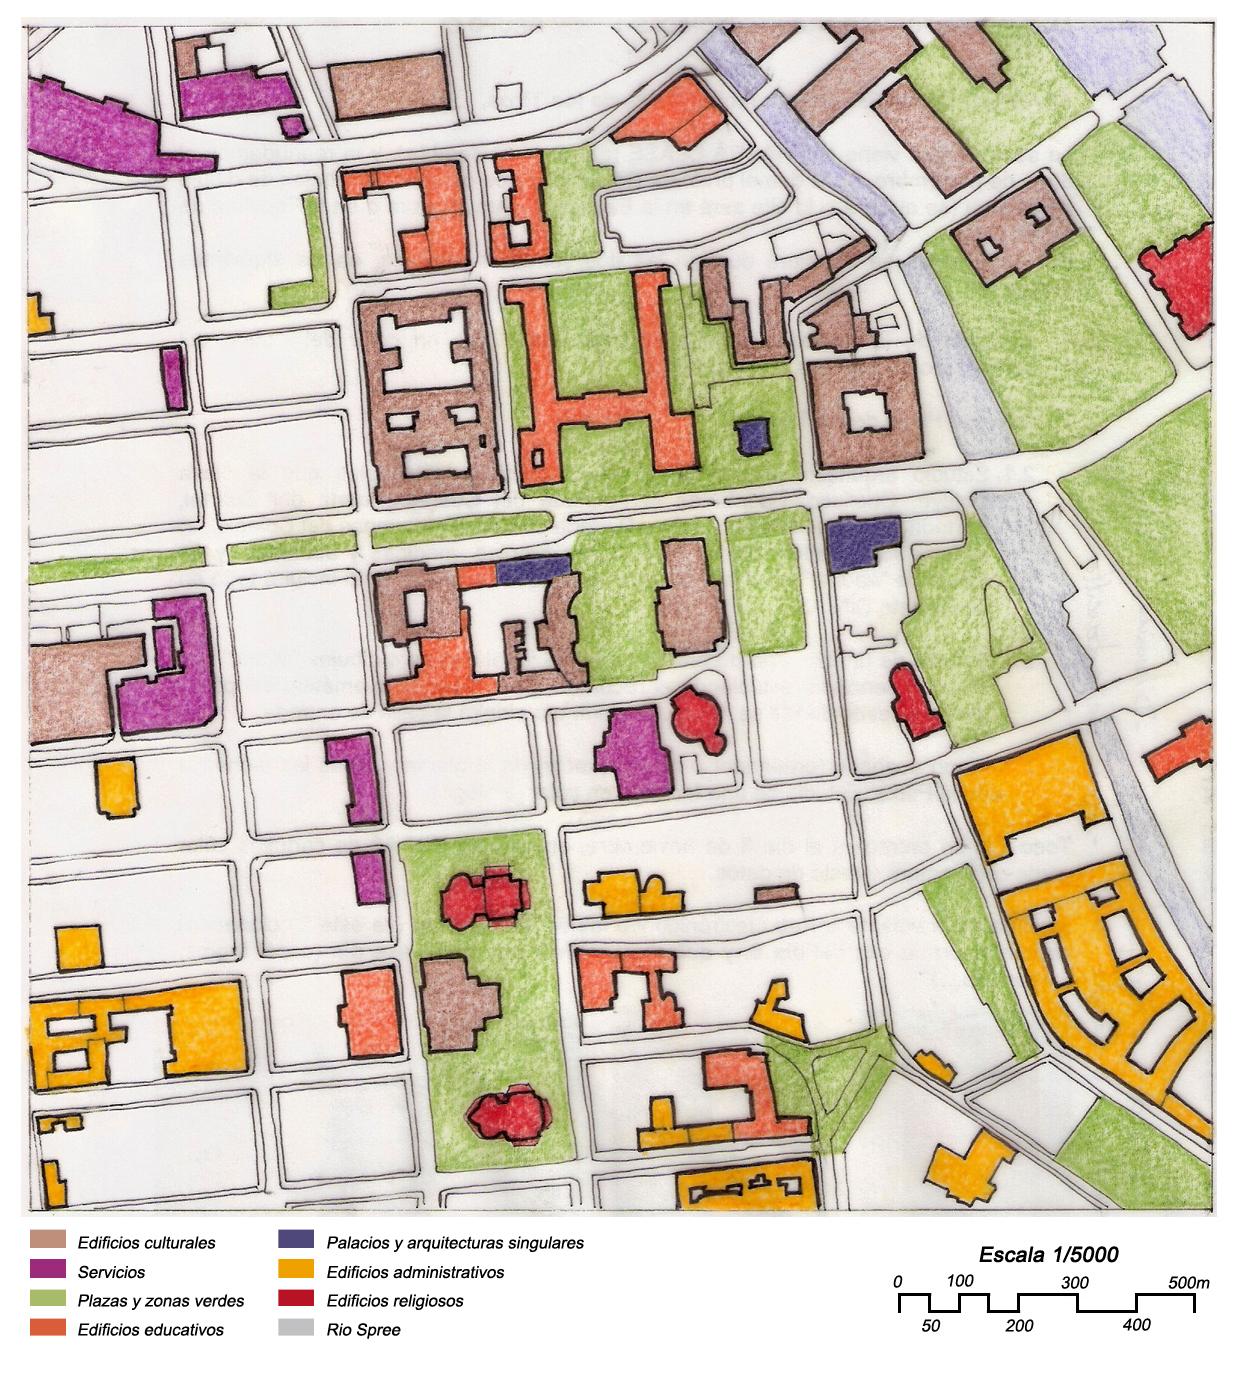 doyoucity - Berlín vs Broadacre City: usos y equipamientos